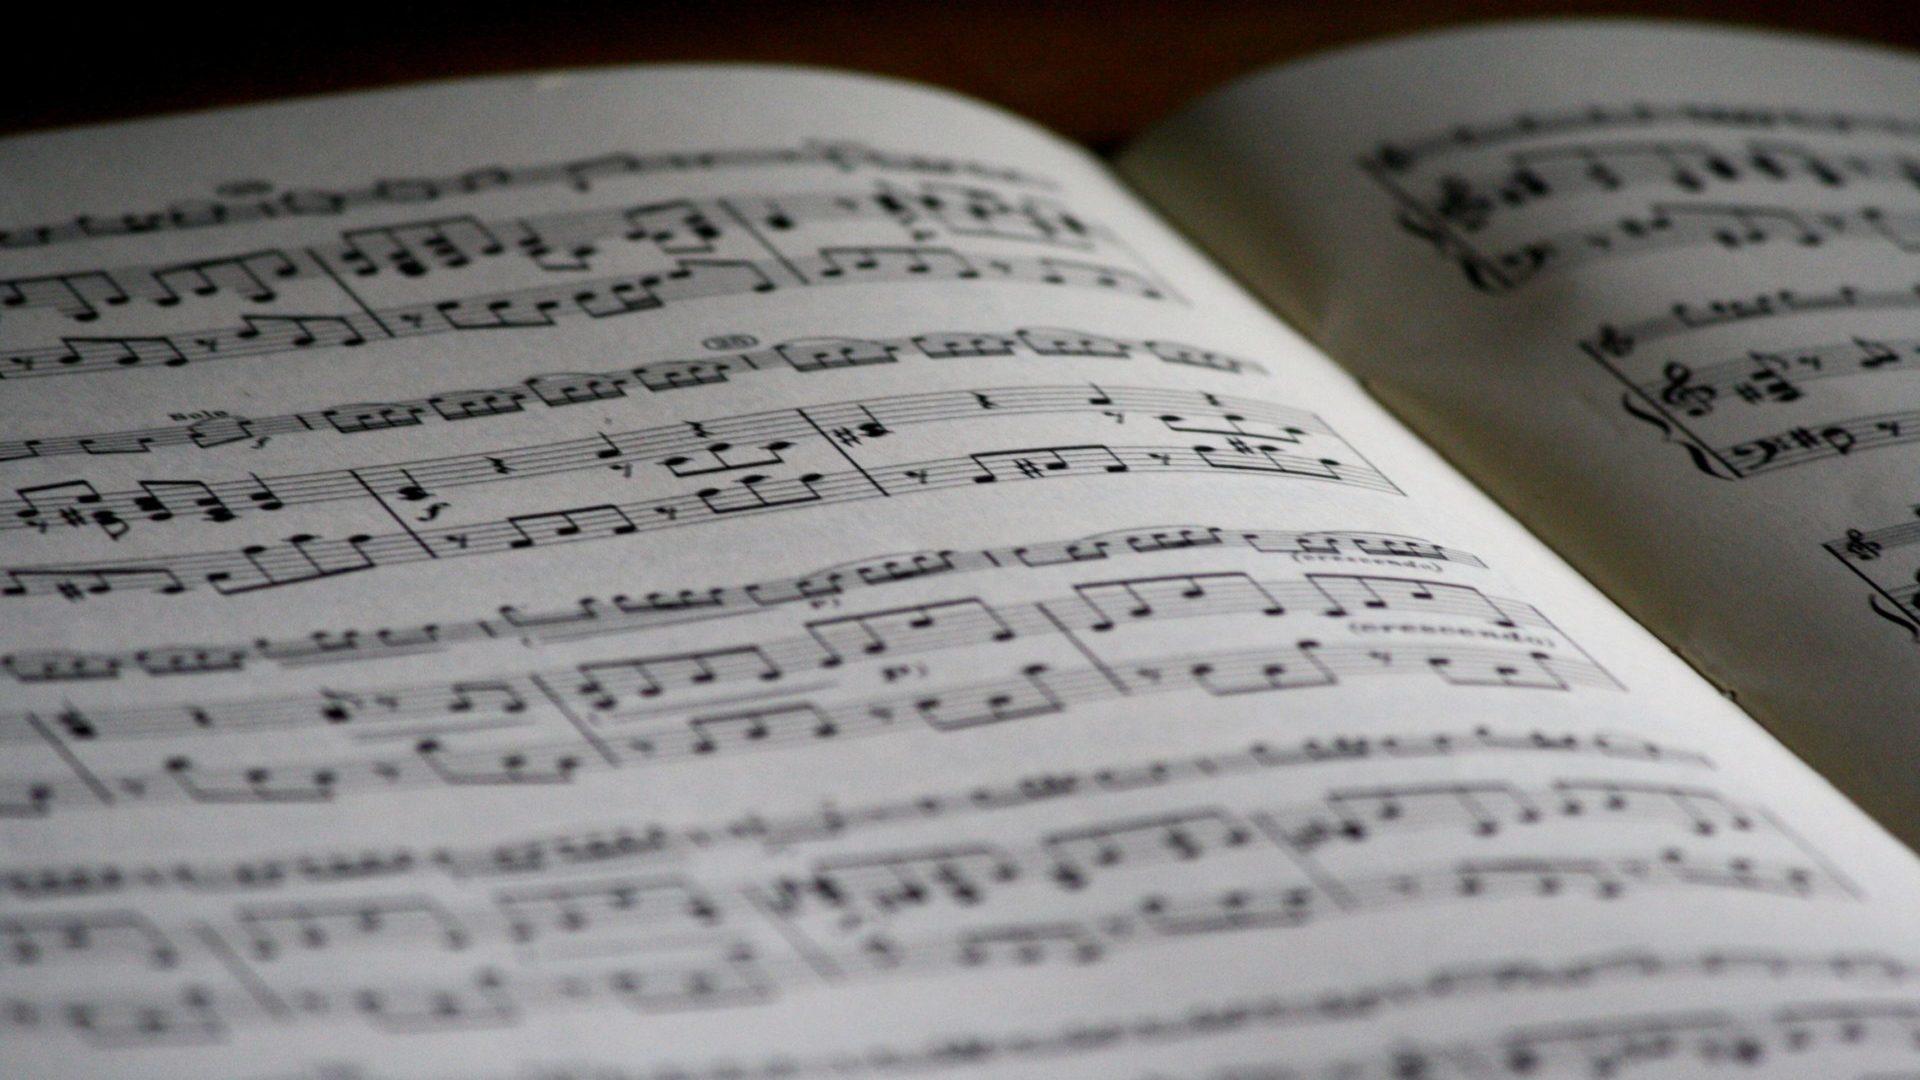 Cappella Musicale Fiorentina